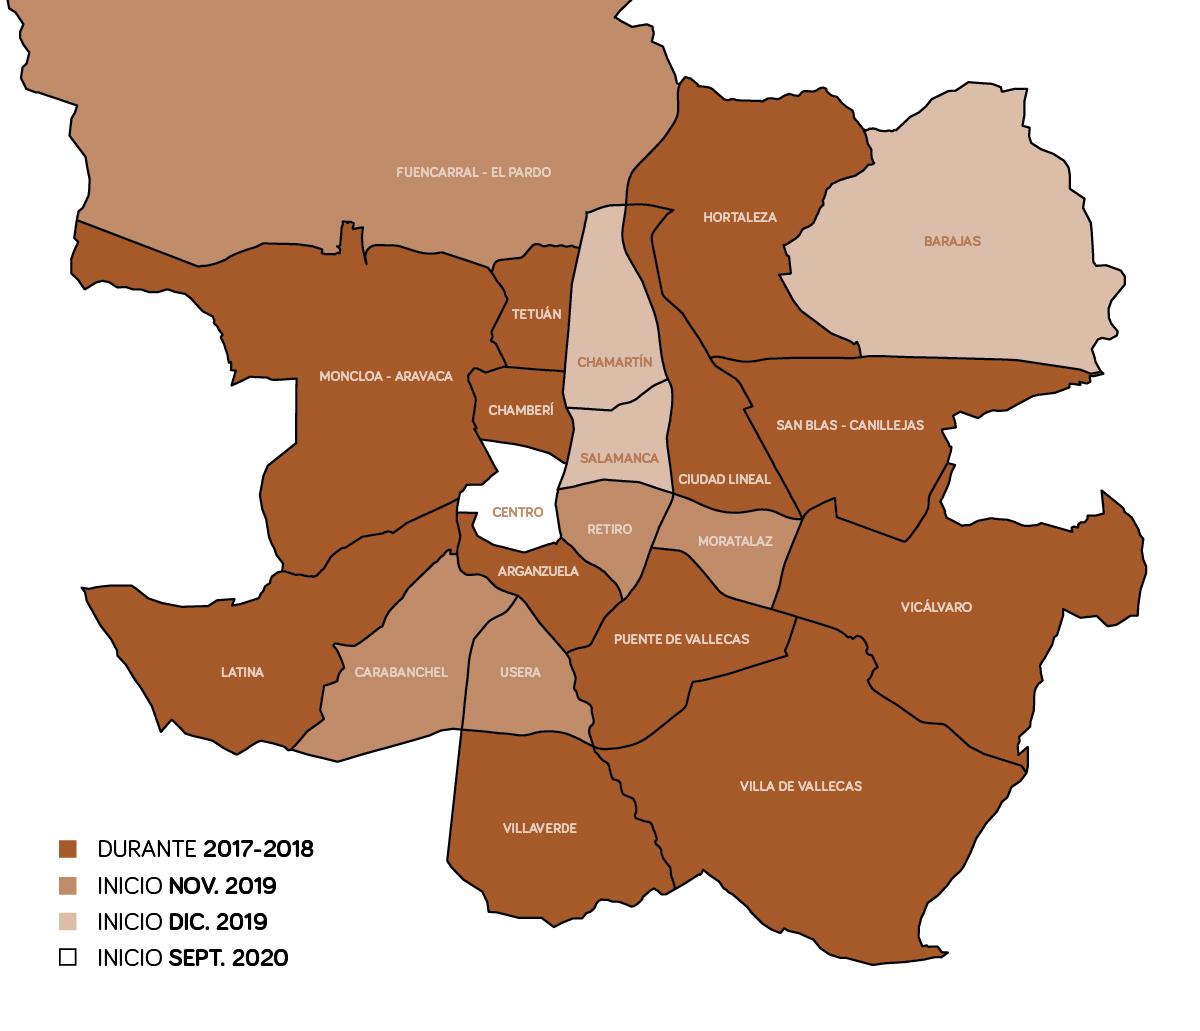 mapa_distritos